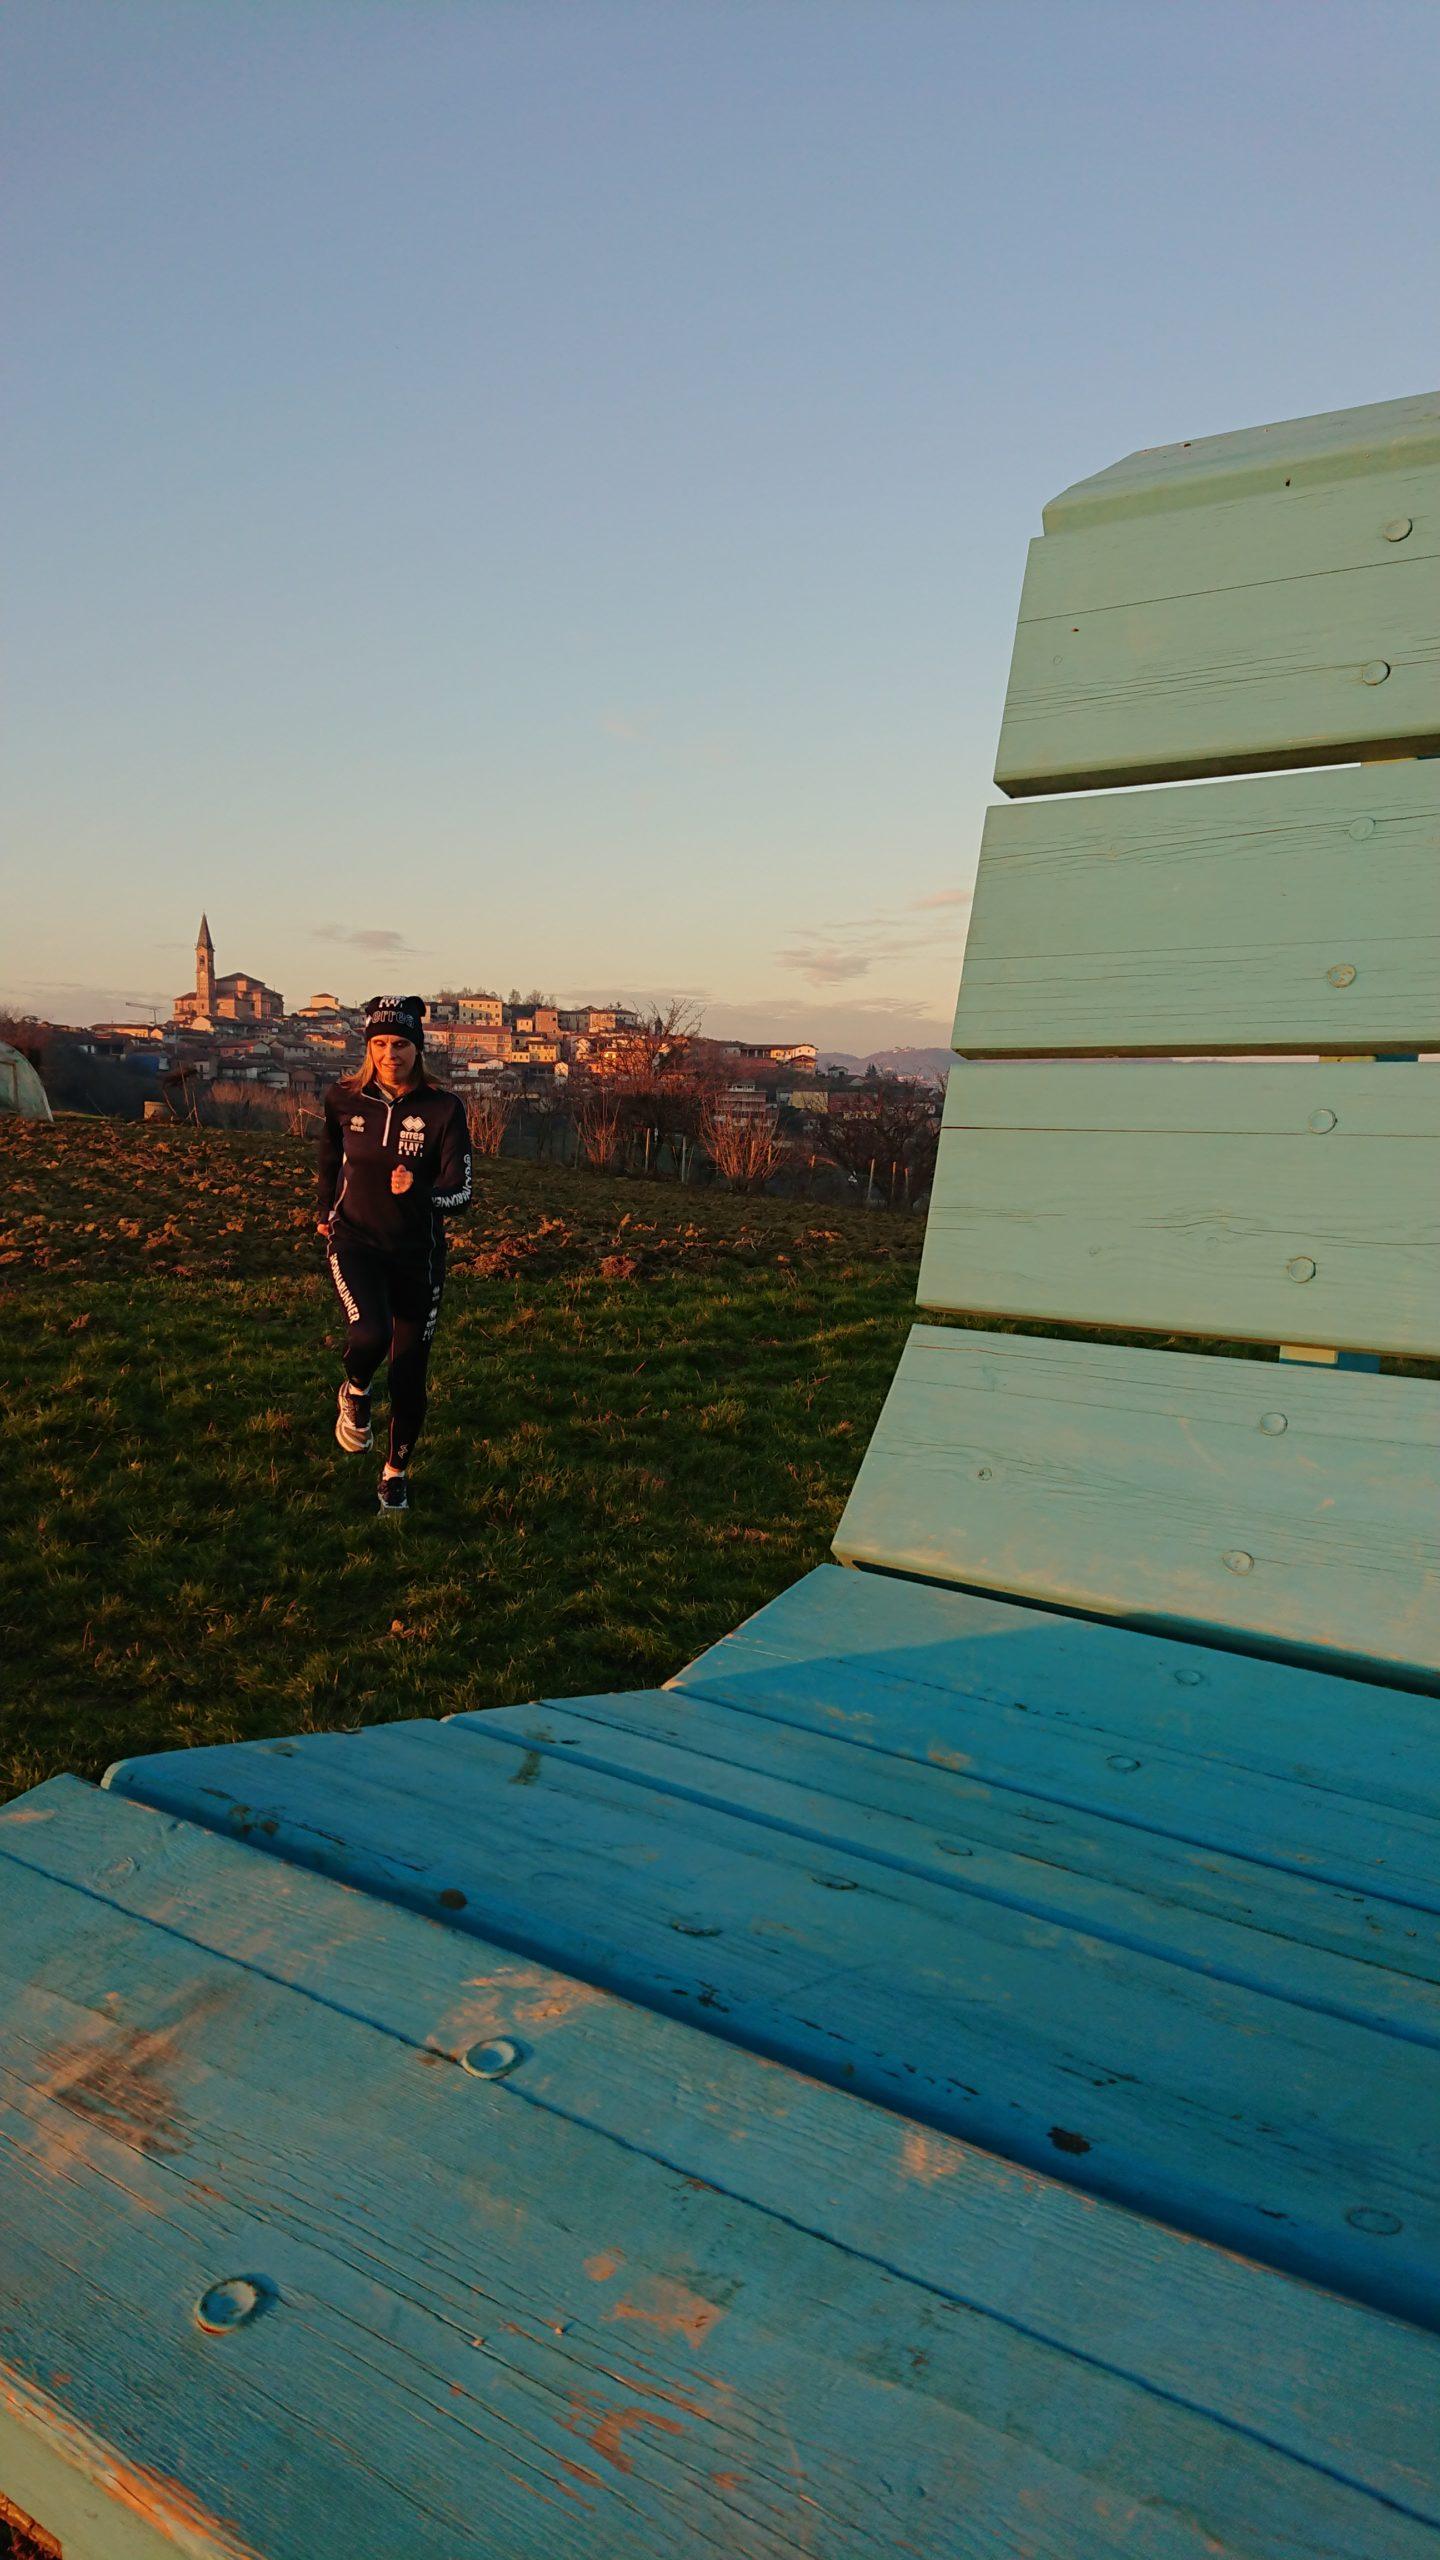 A Tonco tra la Panchina Gigante Azzurra e piacevoli ricordi